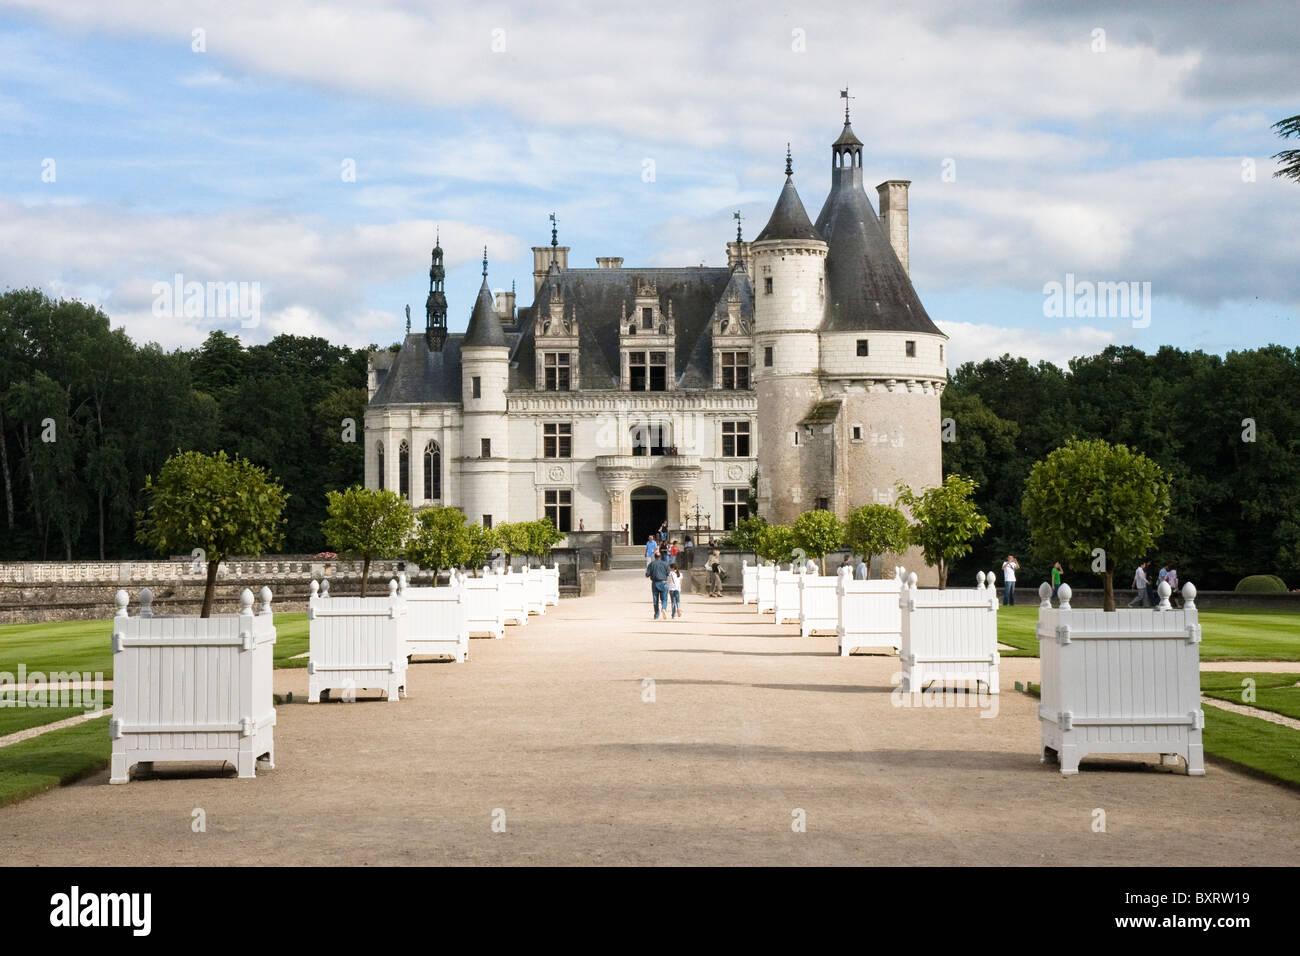 Francia, Loira, Chenonceau, Château de Chenonceau Imagen De Stock